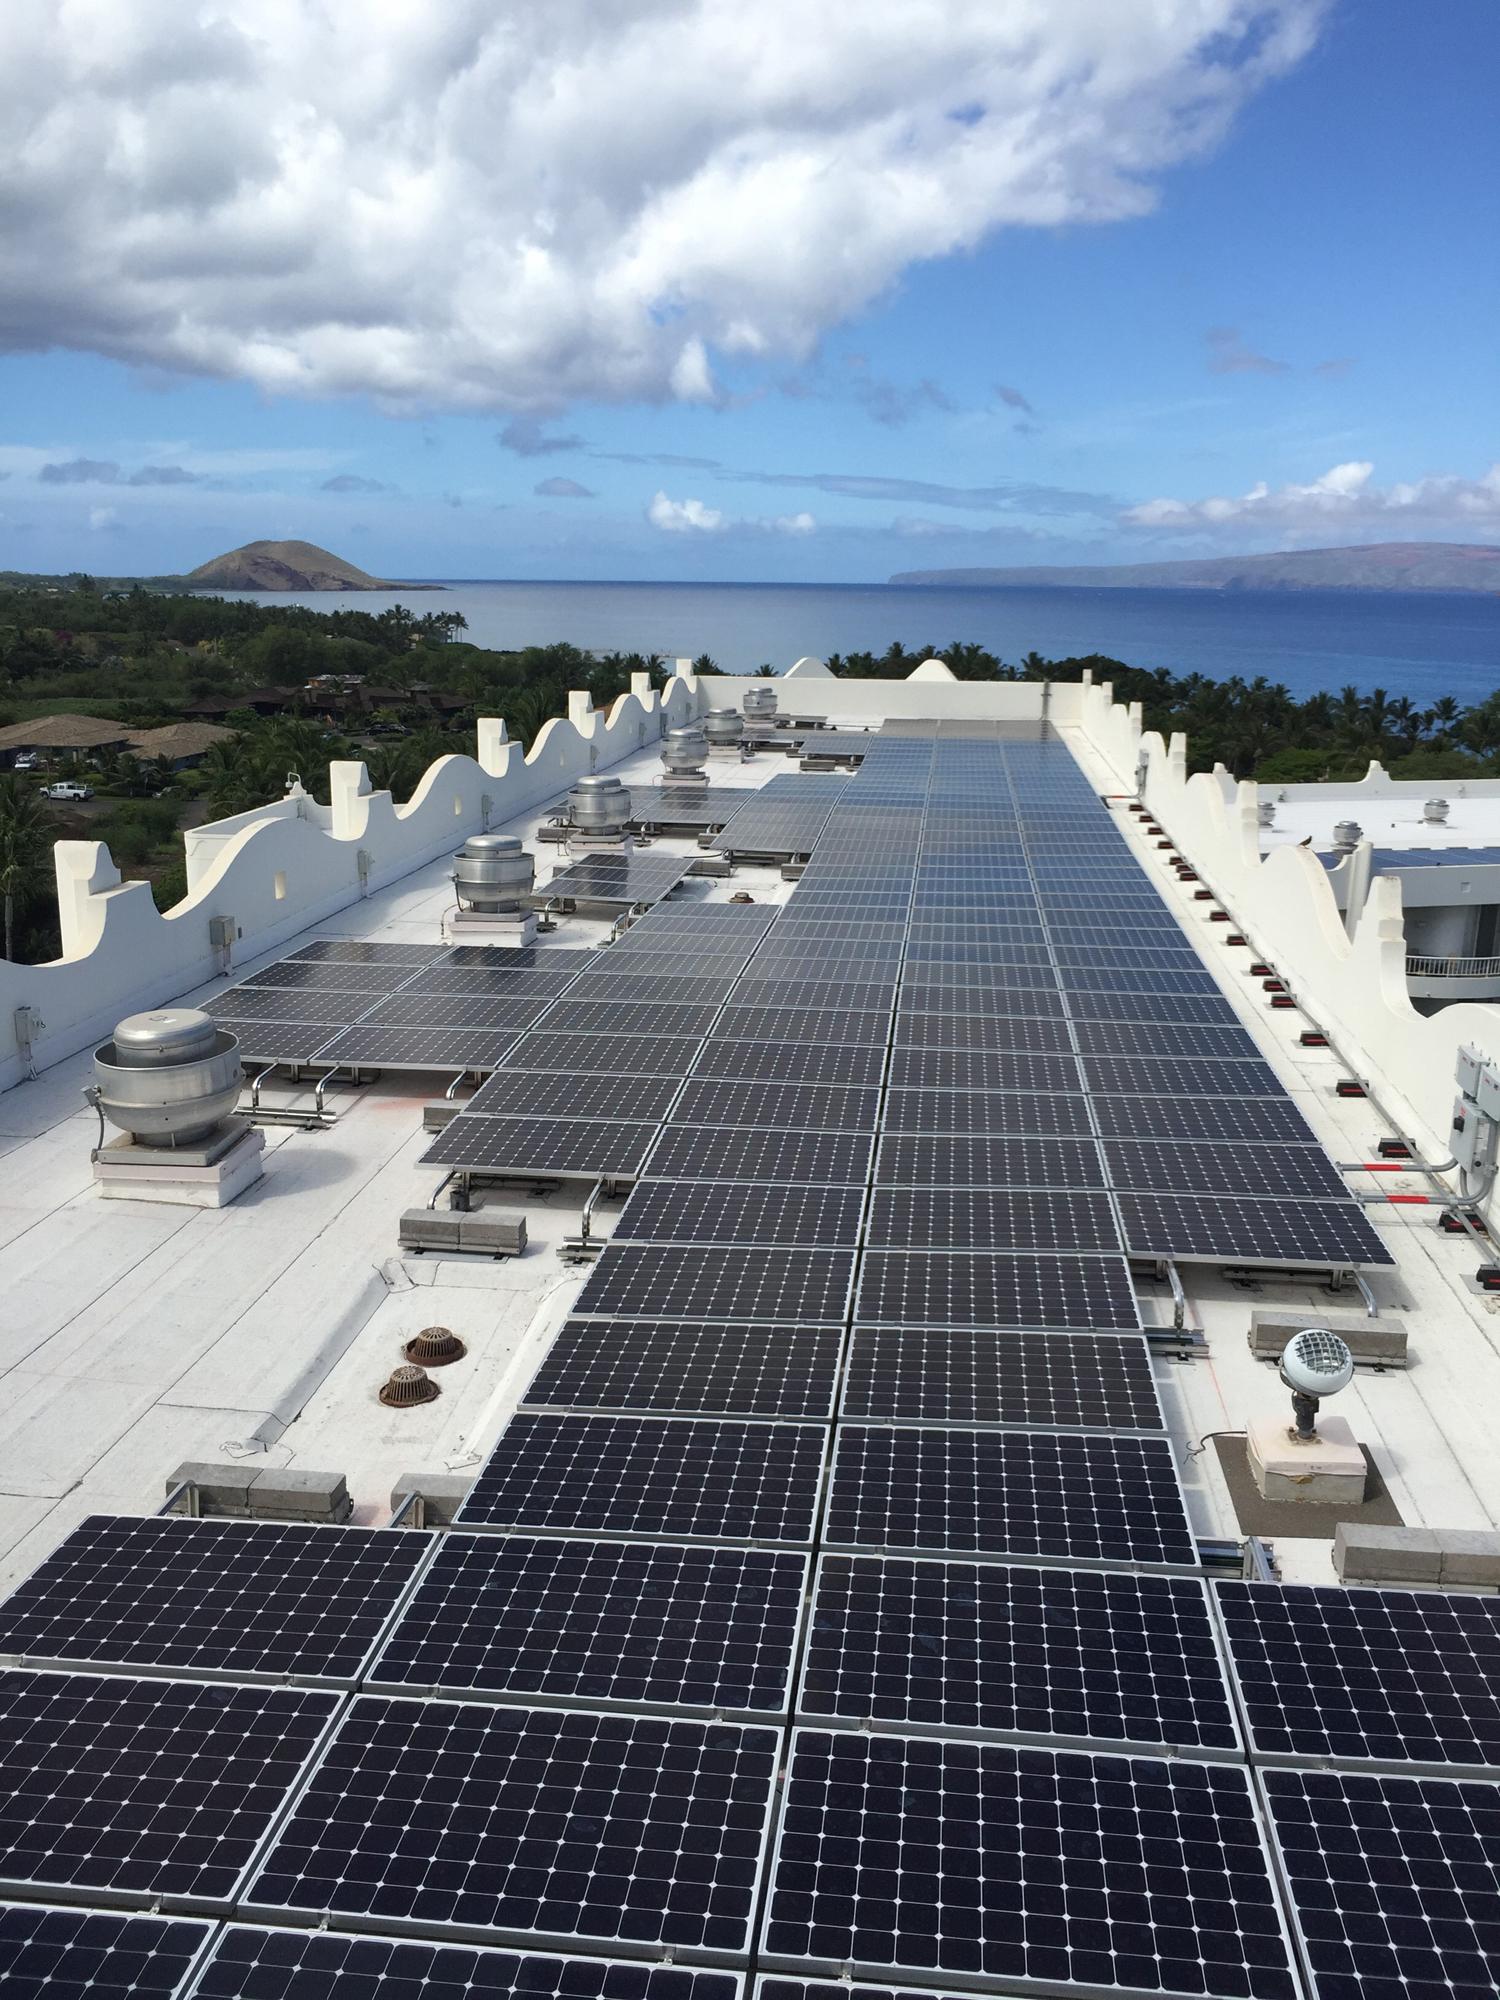 fairmont_solar_roof6_resized.jpg